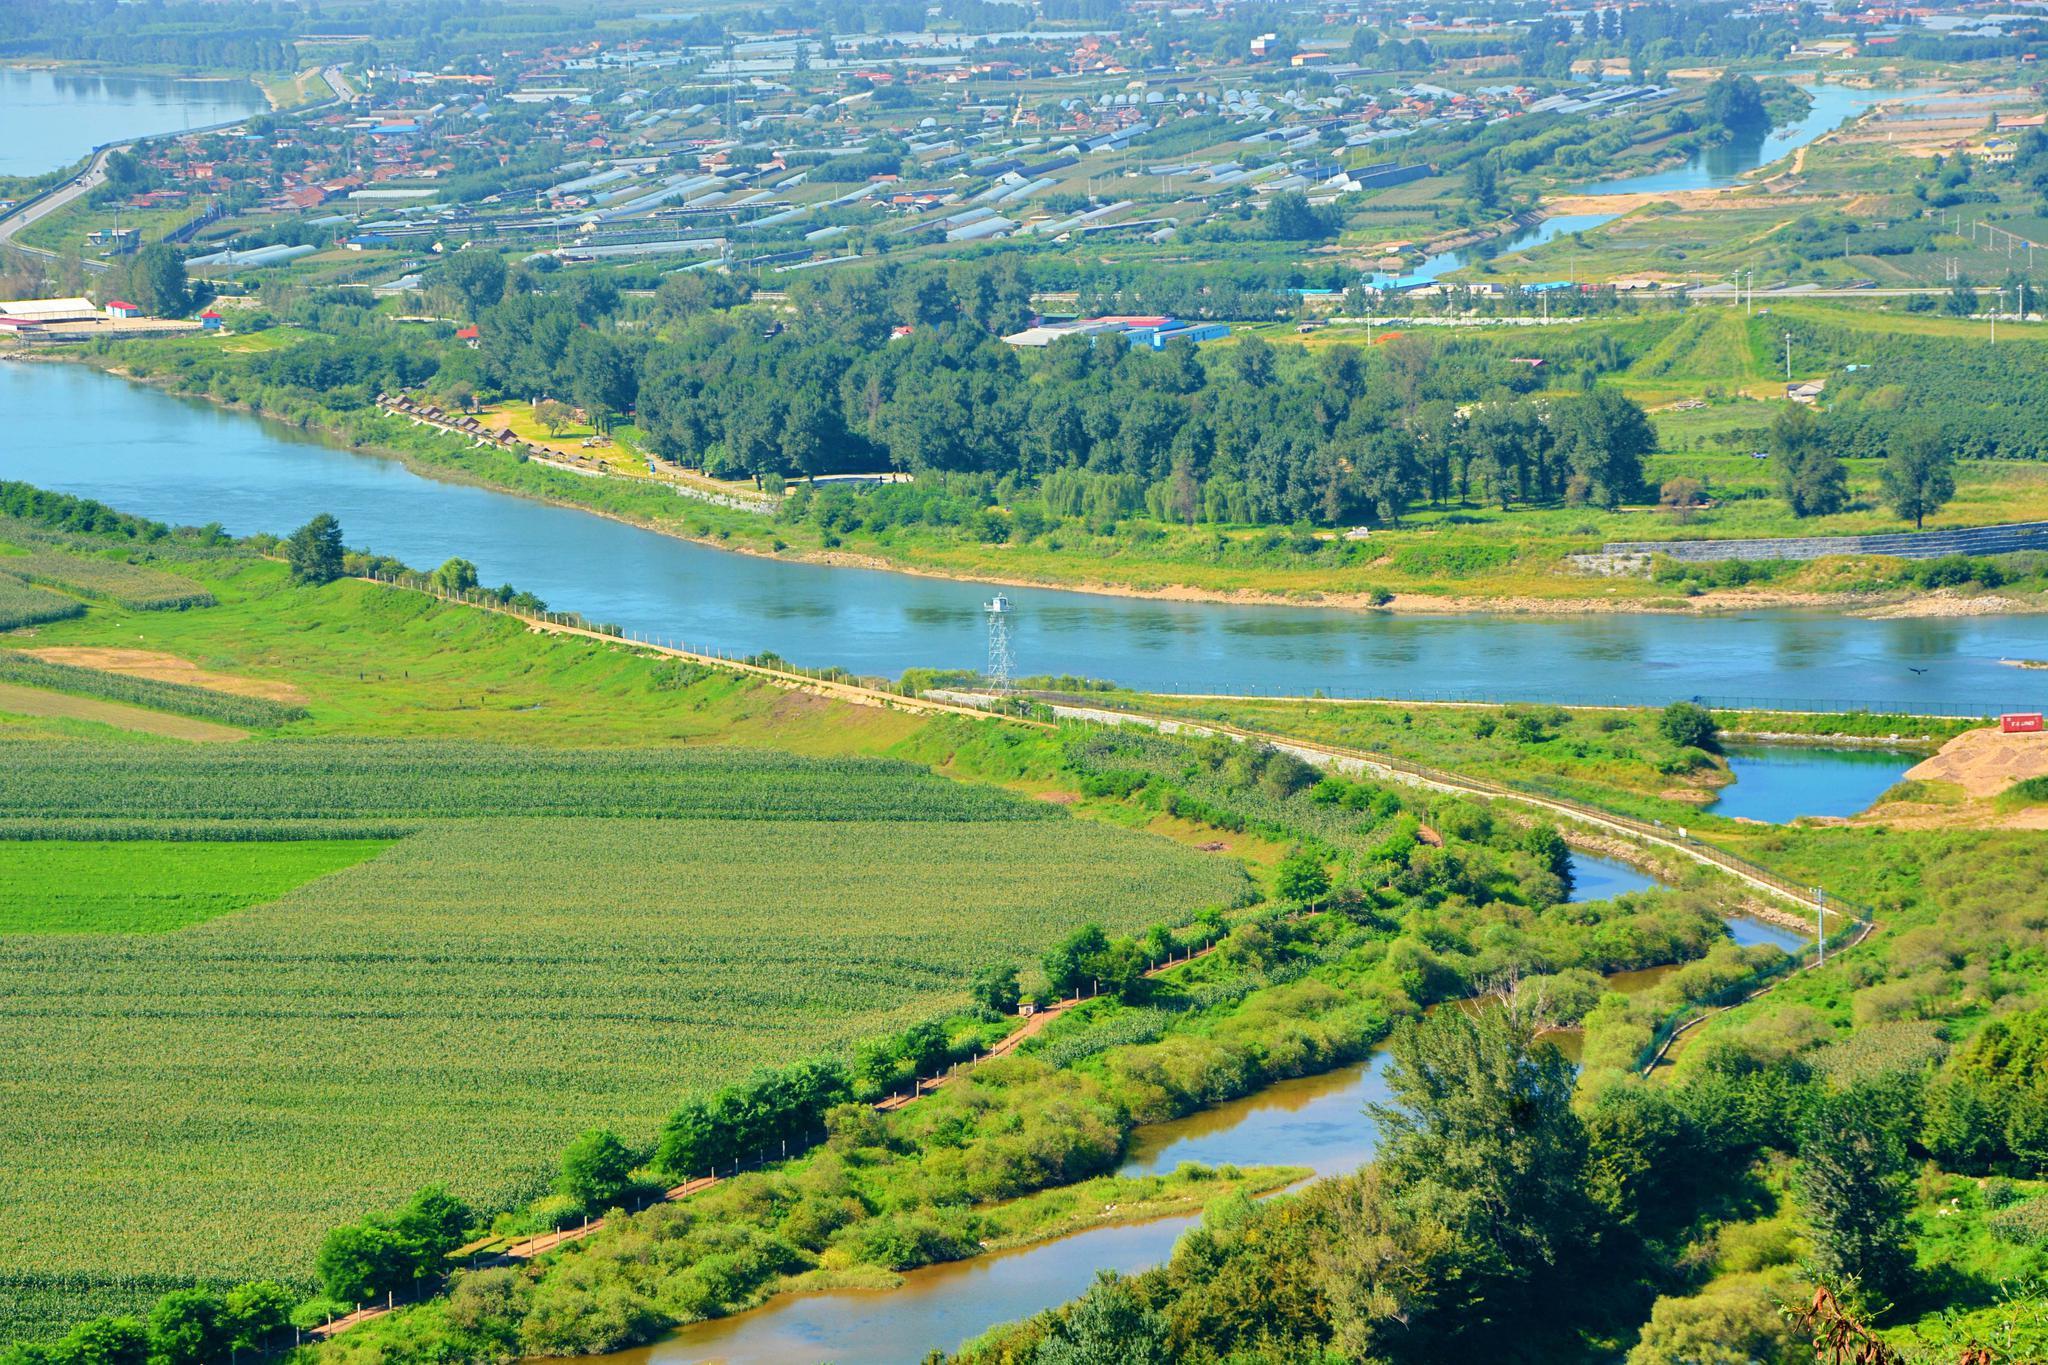 虎山长城上俯瞰鸭绿江两岸村庄河流,原创拍摄